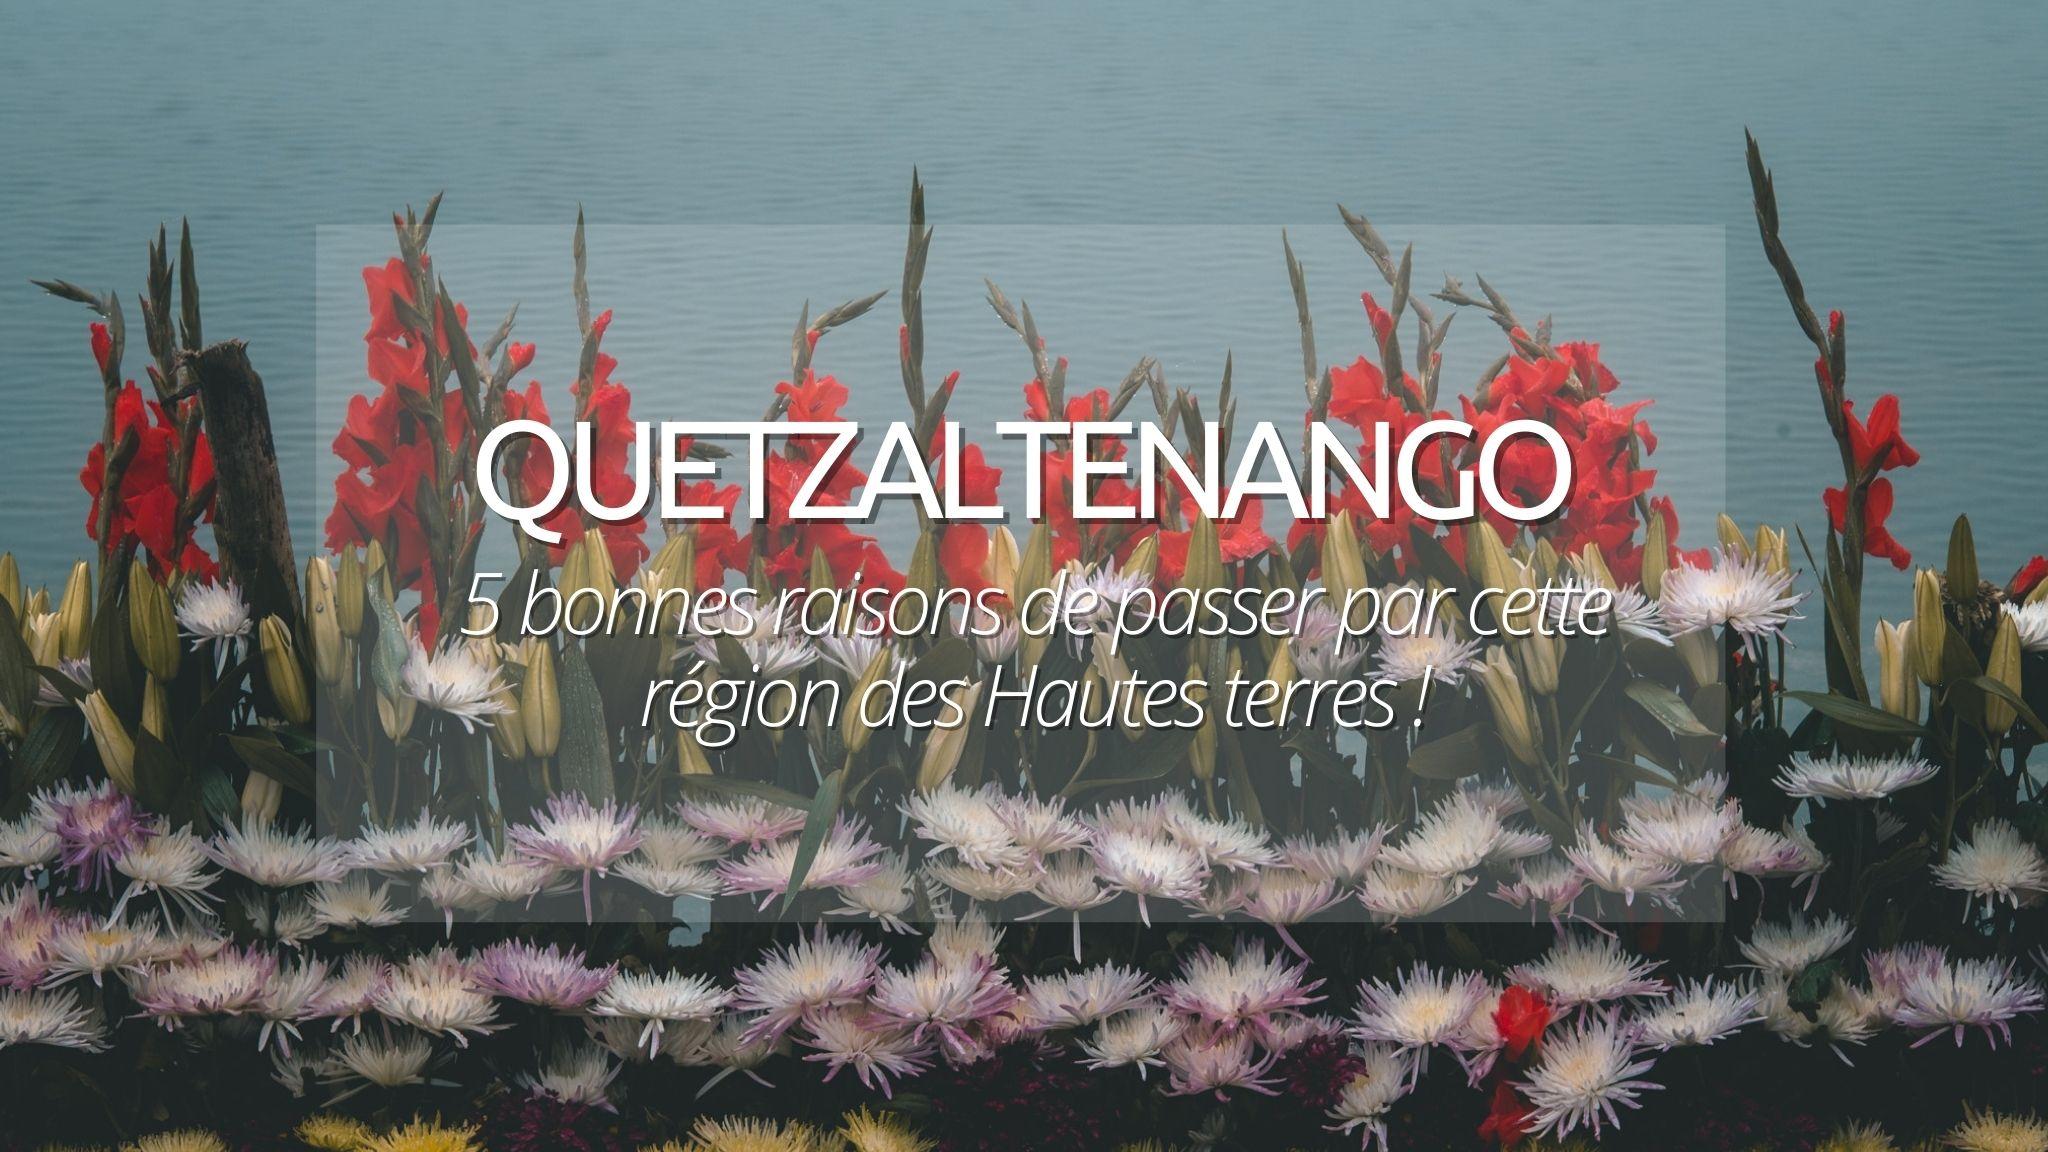 5 bonnes raisons de visiter Quetzaltenango (Xela) lors d'un voyage au Guatemala